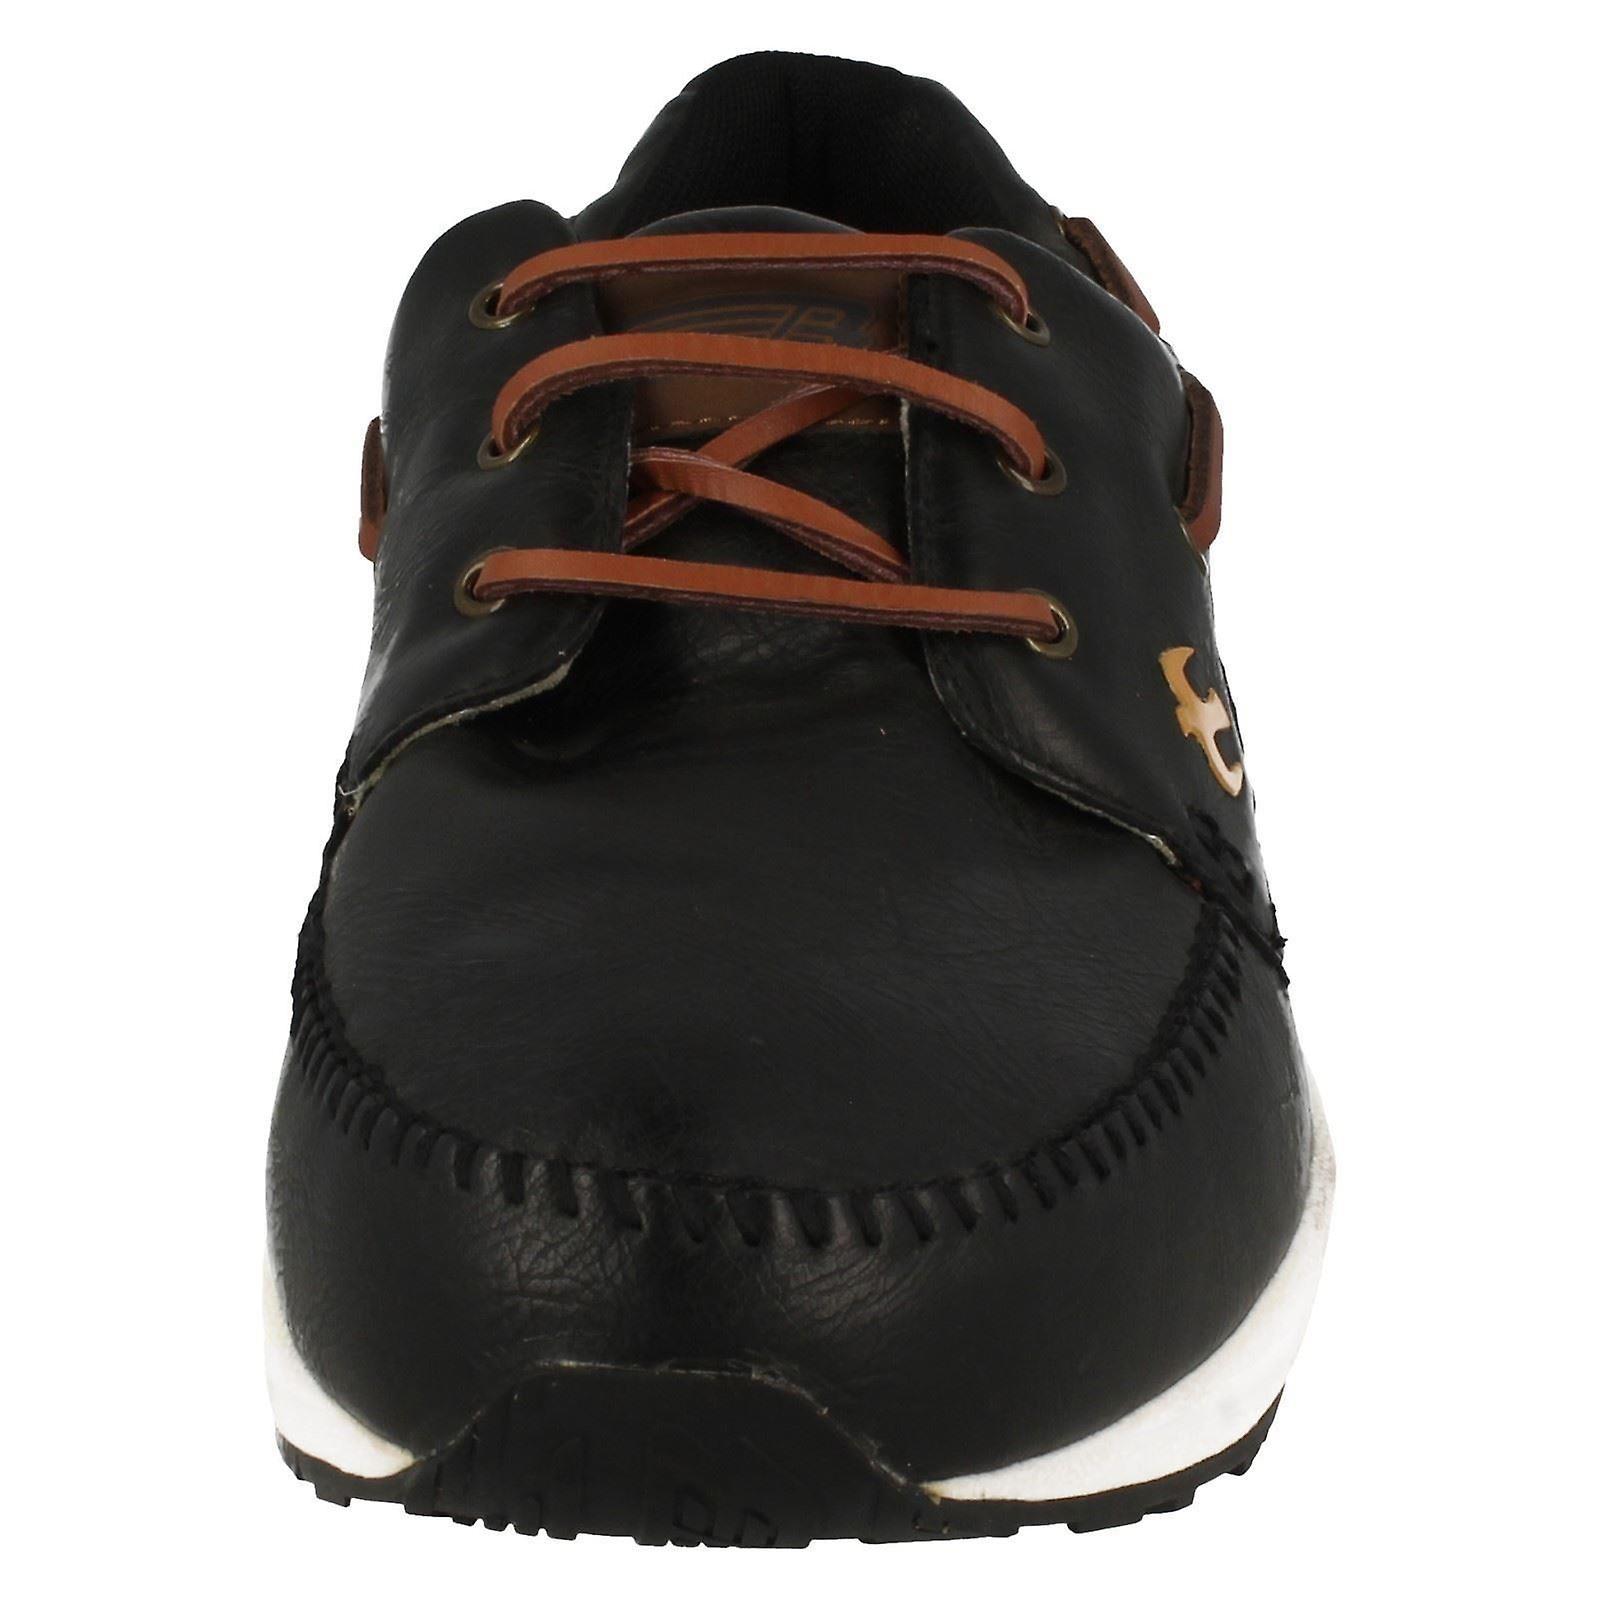 Mens Brakeburn Casual Lace Up chaussures que cinq a parlé